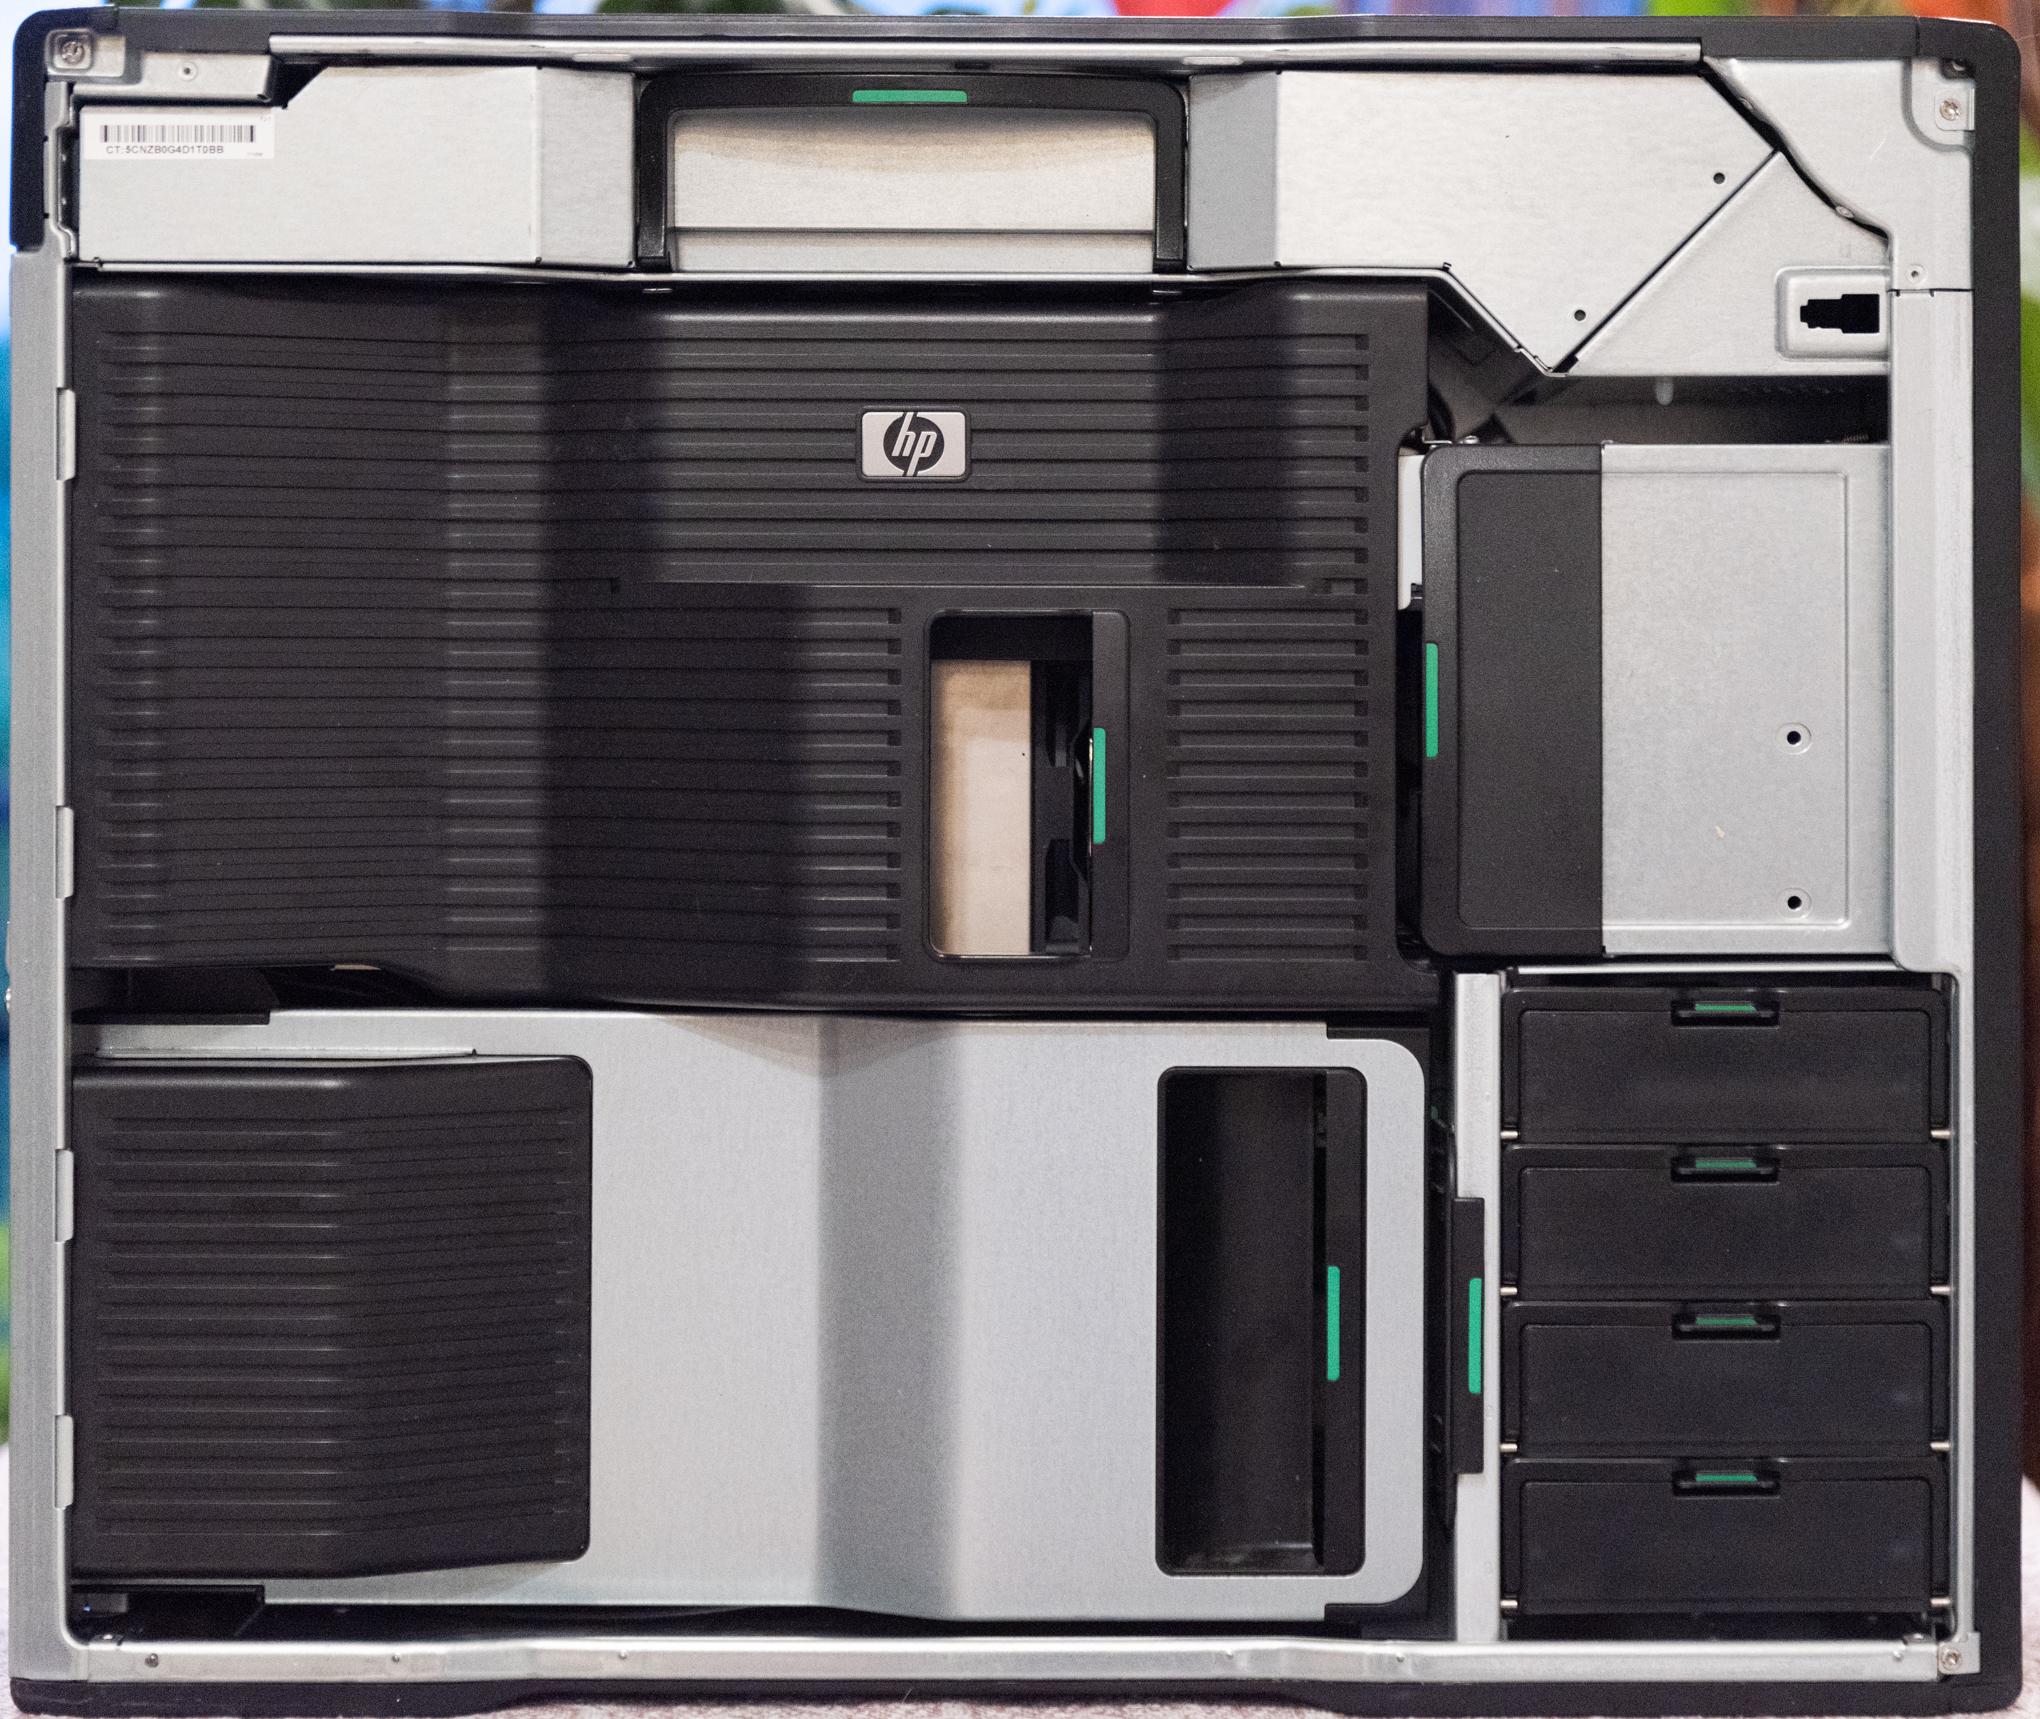 The HP Z800 modular interior case